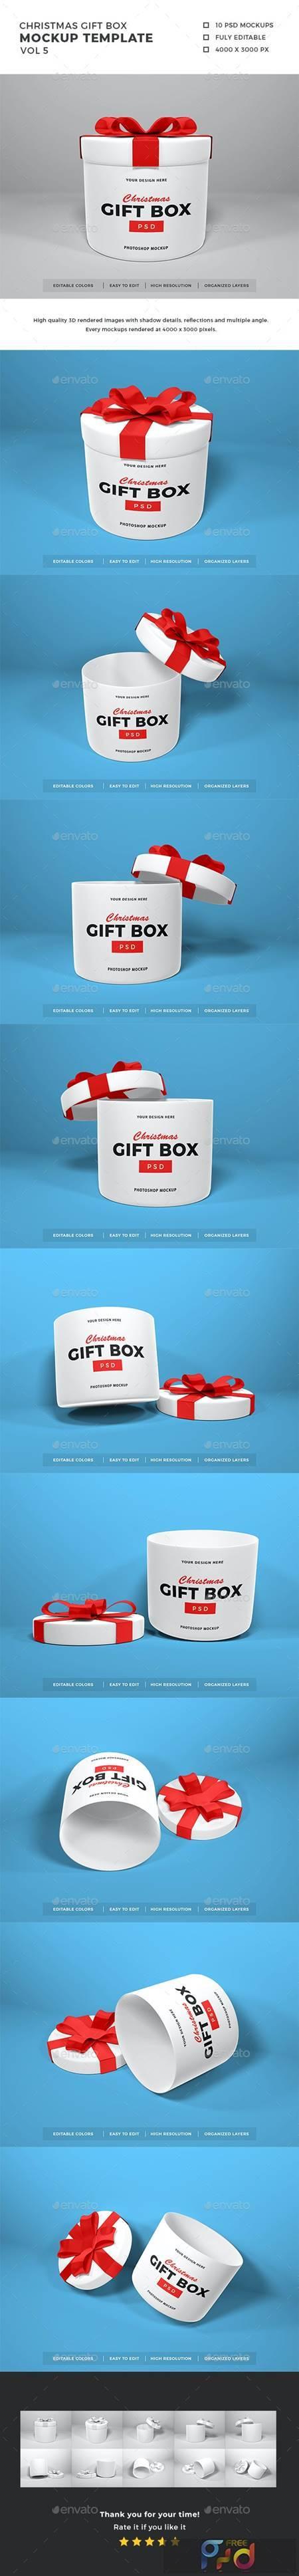 Christmas Gift Box Mockup Vol 5 29453741 1